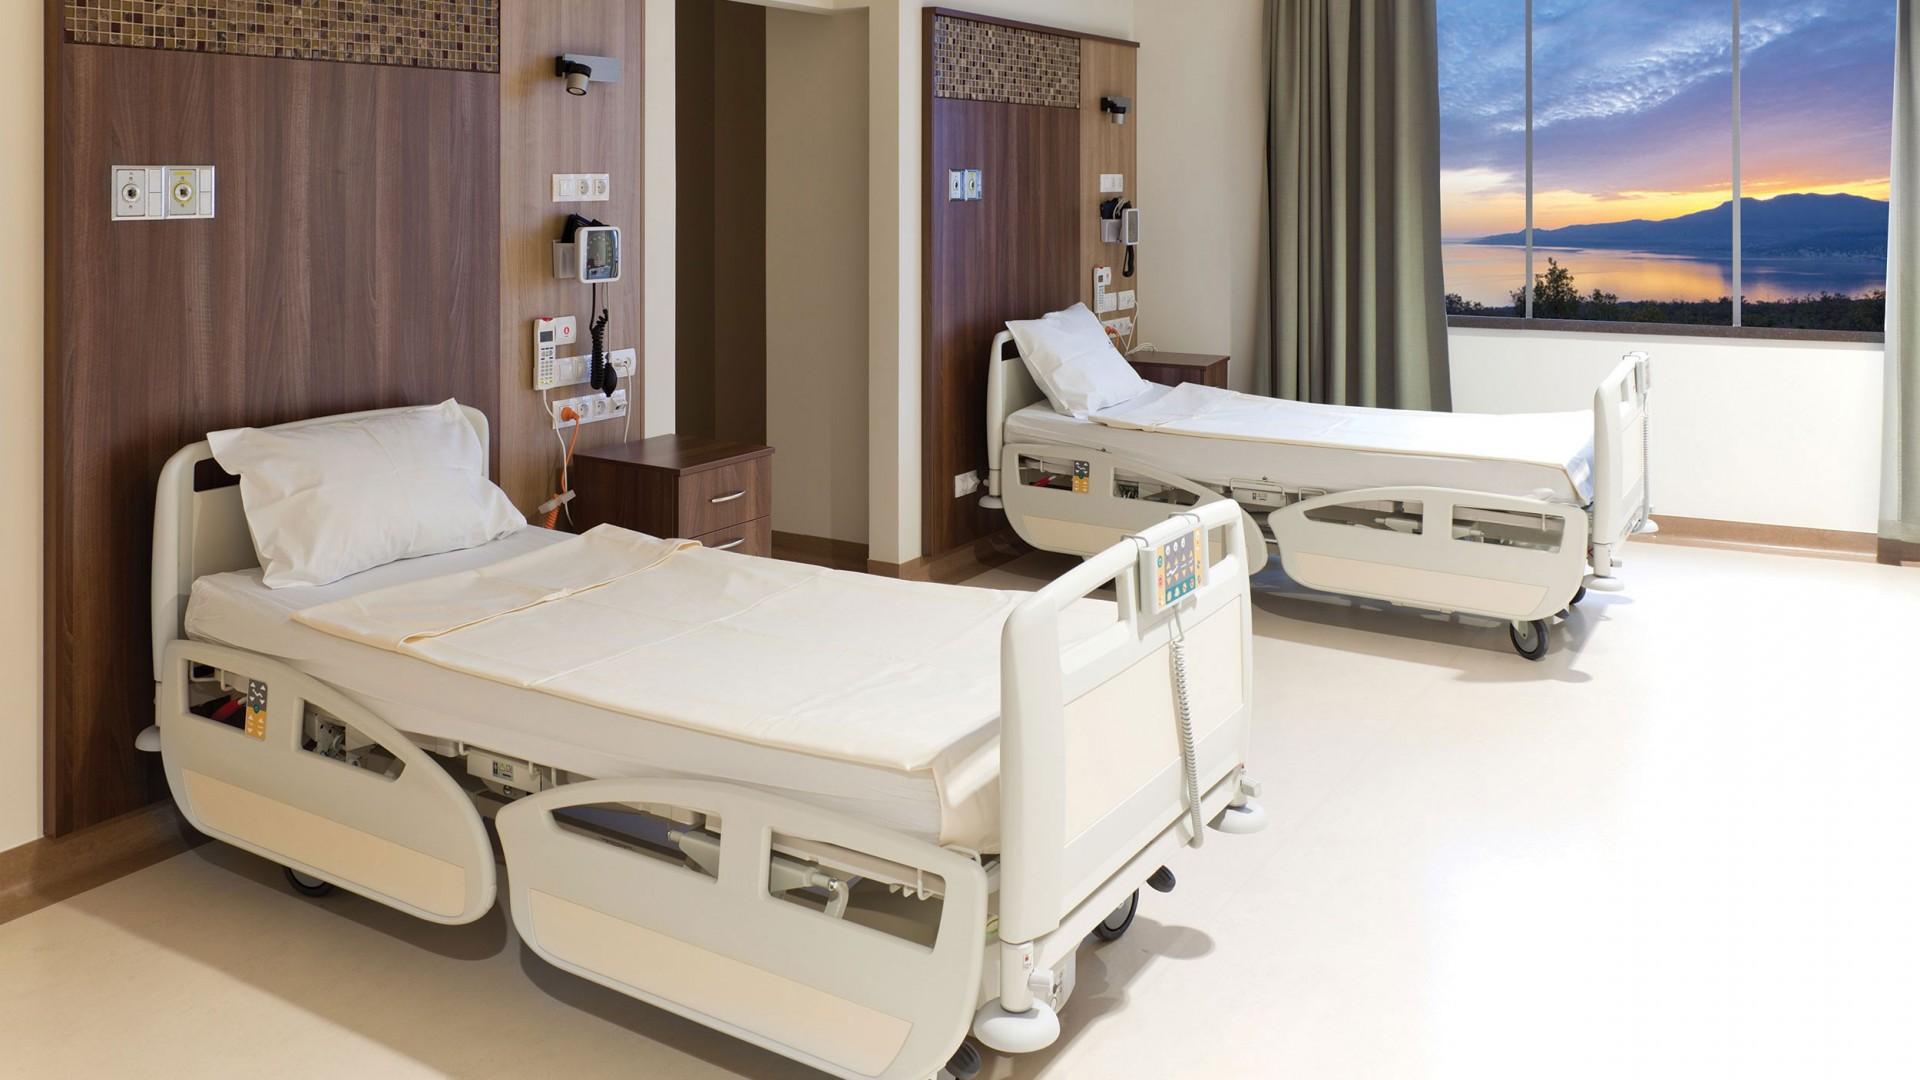 Ogromny Ga&Ga - Wypożyczalnia sprzętu rehabilitacyjnego, medycznego MS35